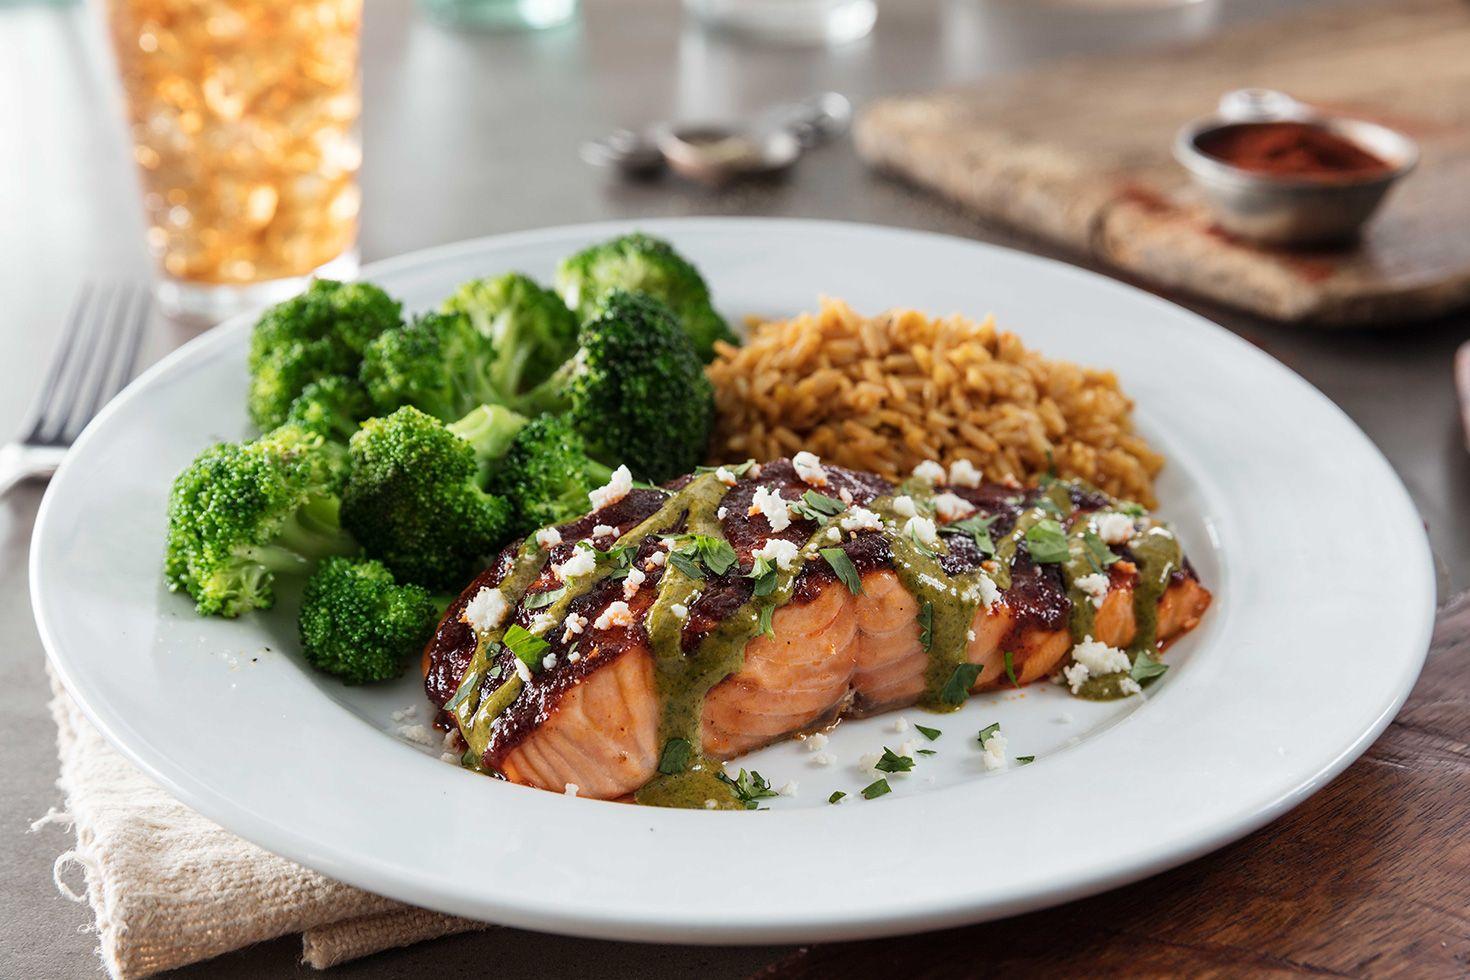 chili's ancho salmon